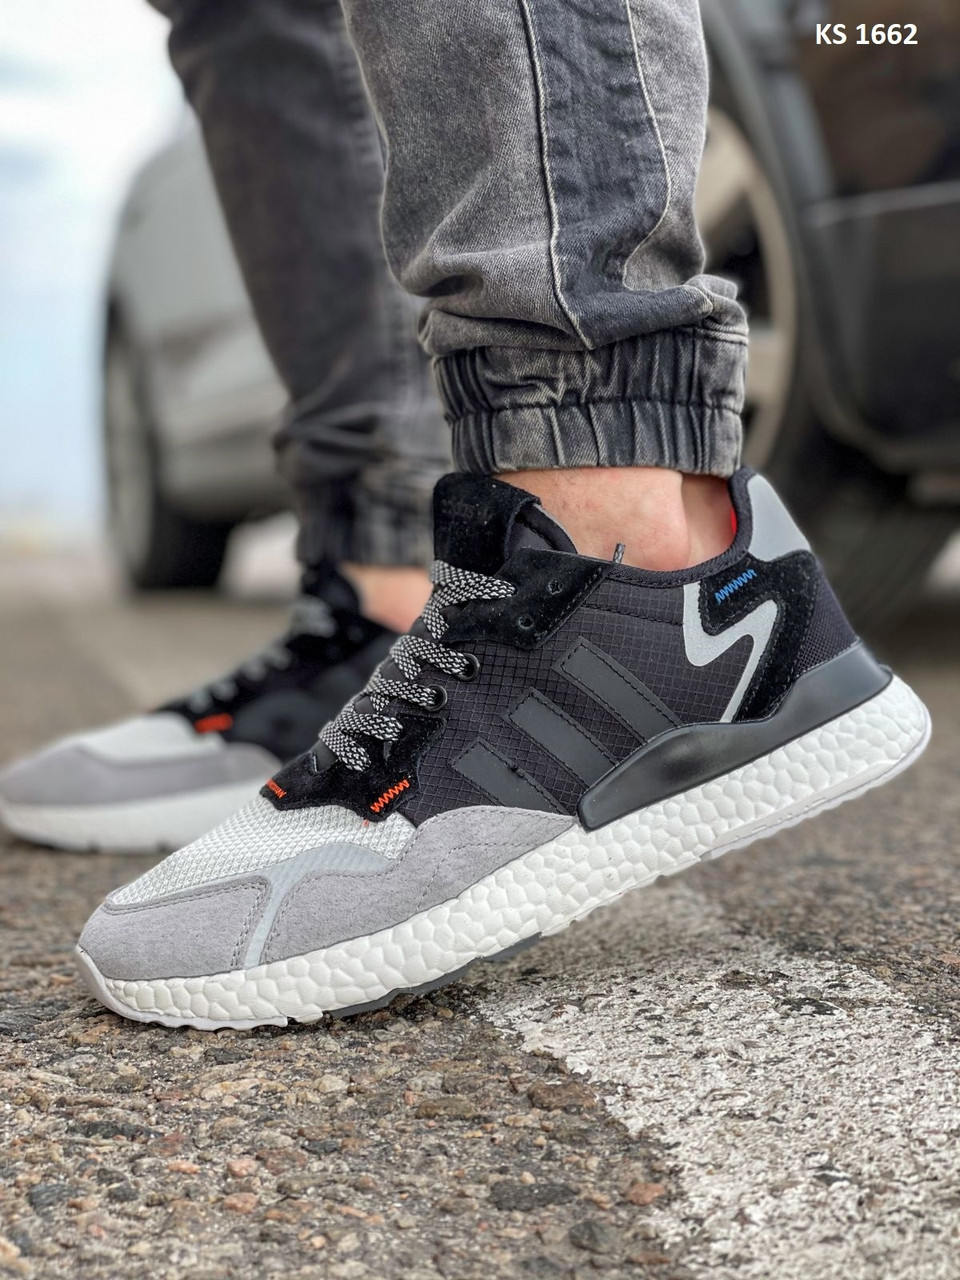 Кросівки чоловічі Adidas Nite Jogger Boost текстильні сірі Рефлектив Адідас (Топ репліка ААА+)